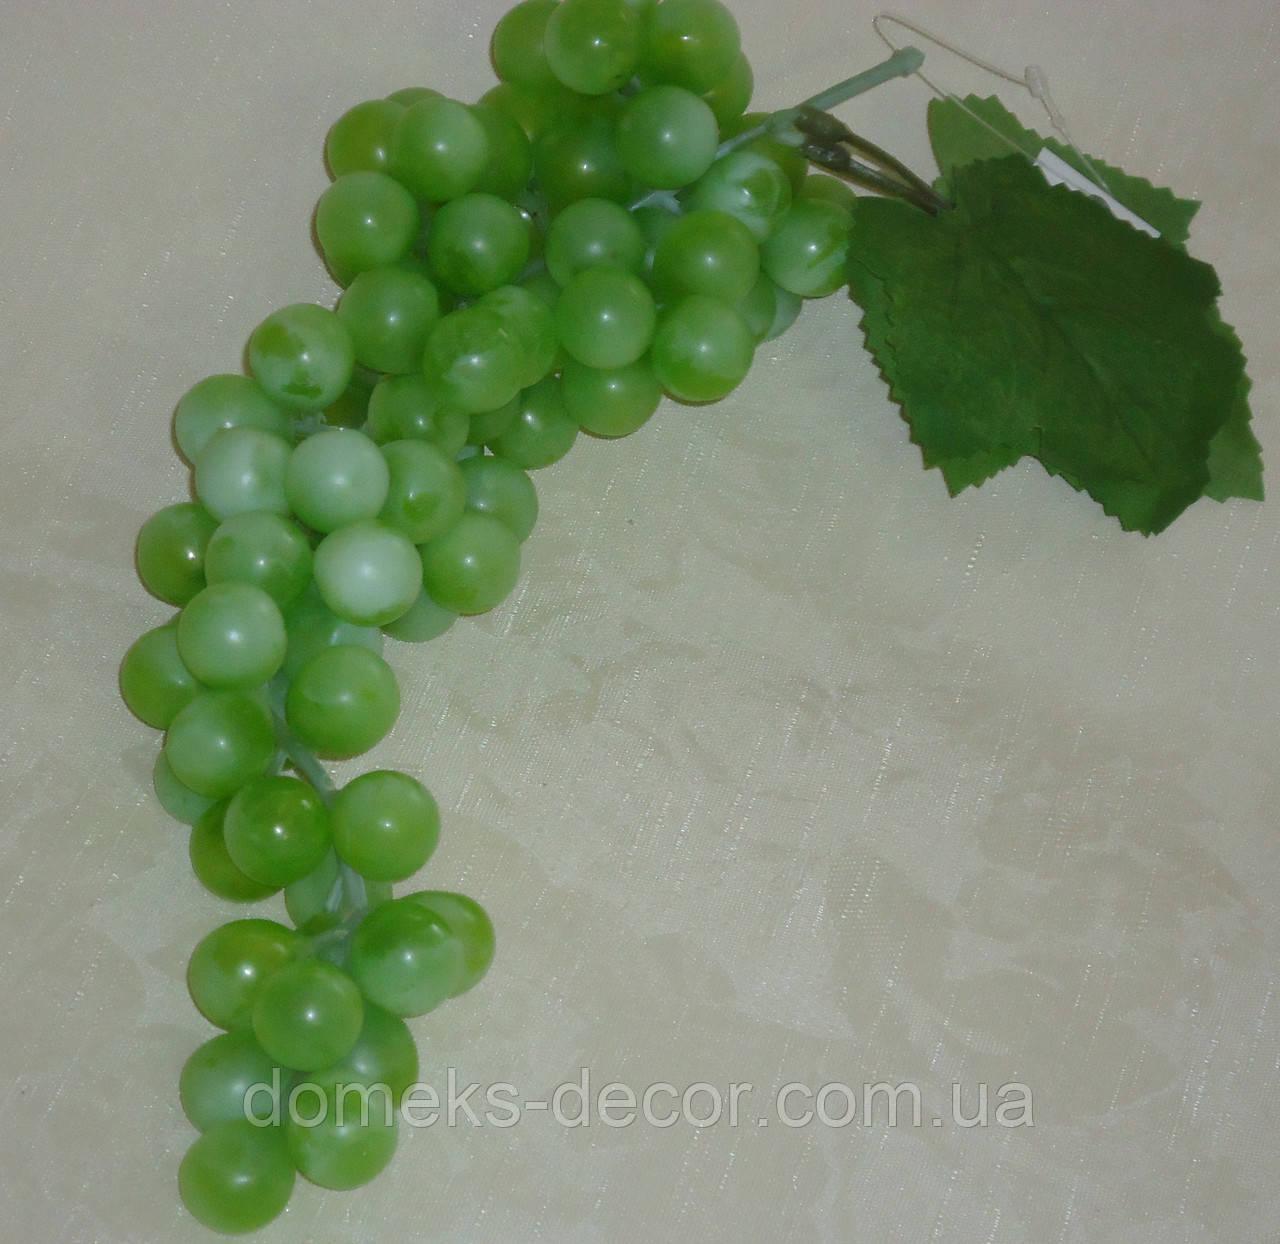 Виноград светло зеленый большой, фото 1